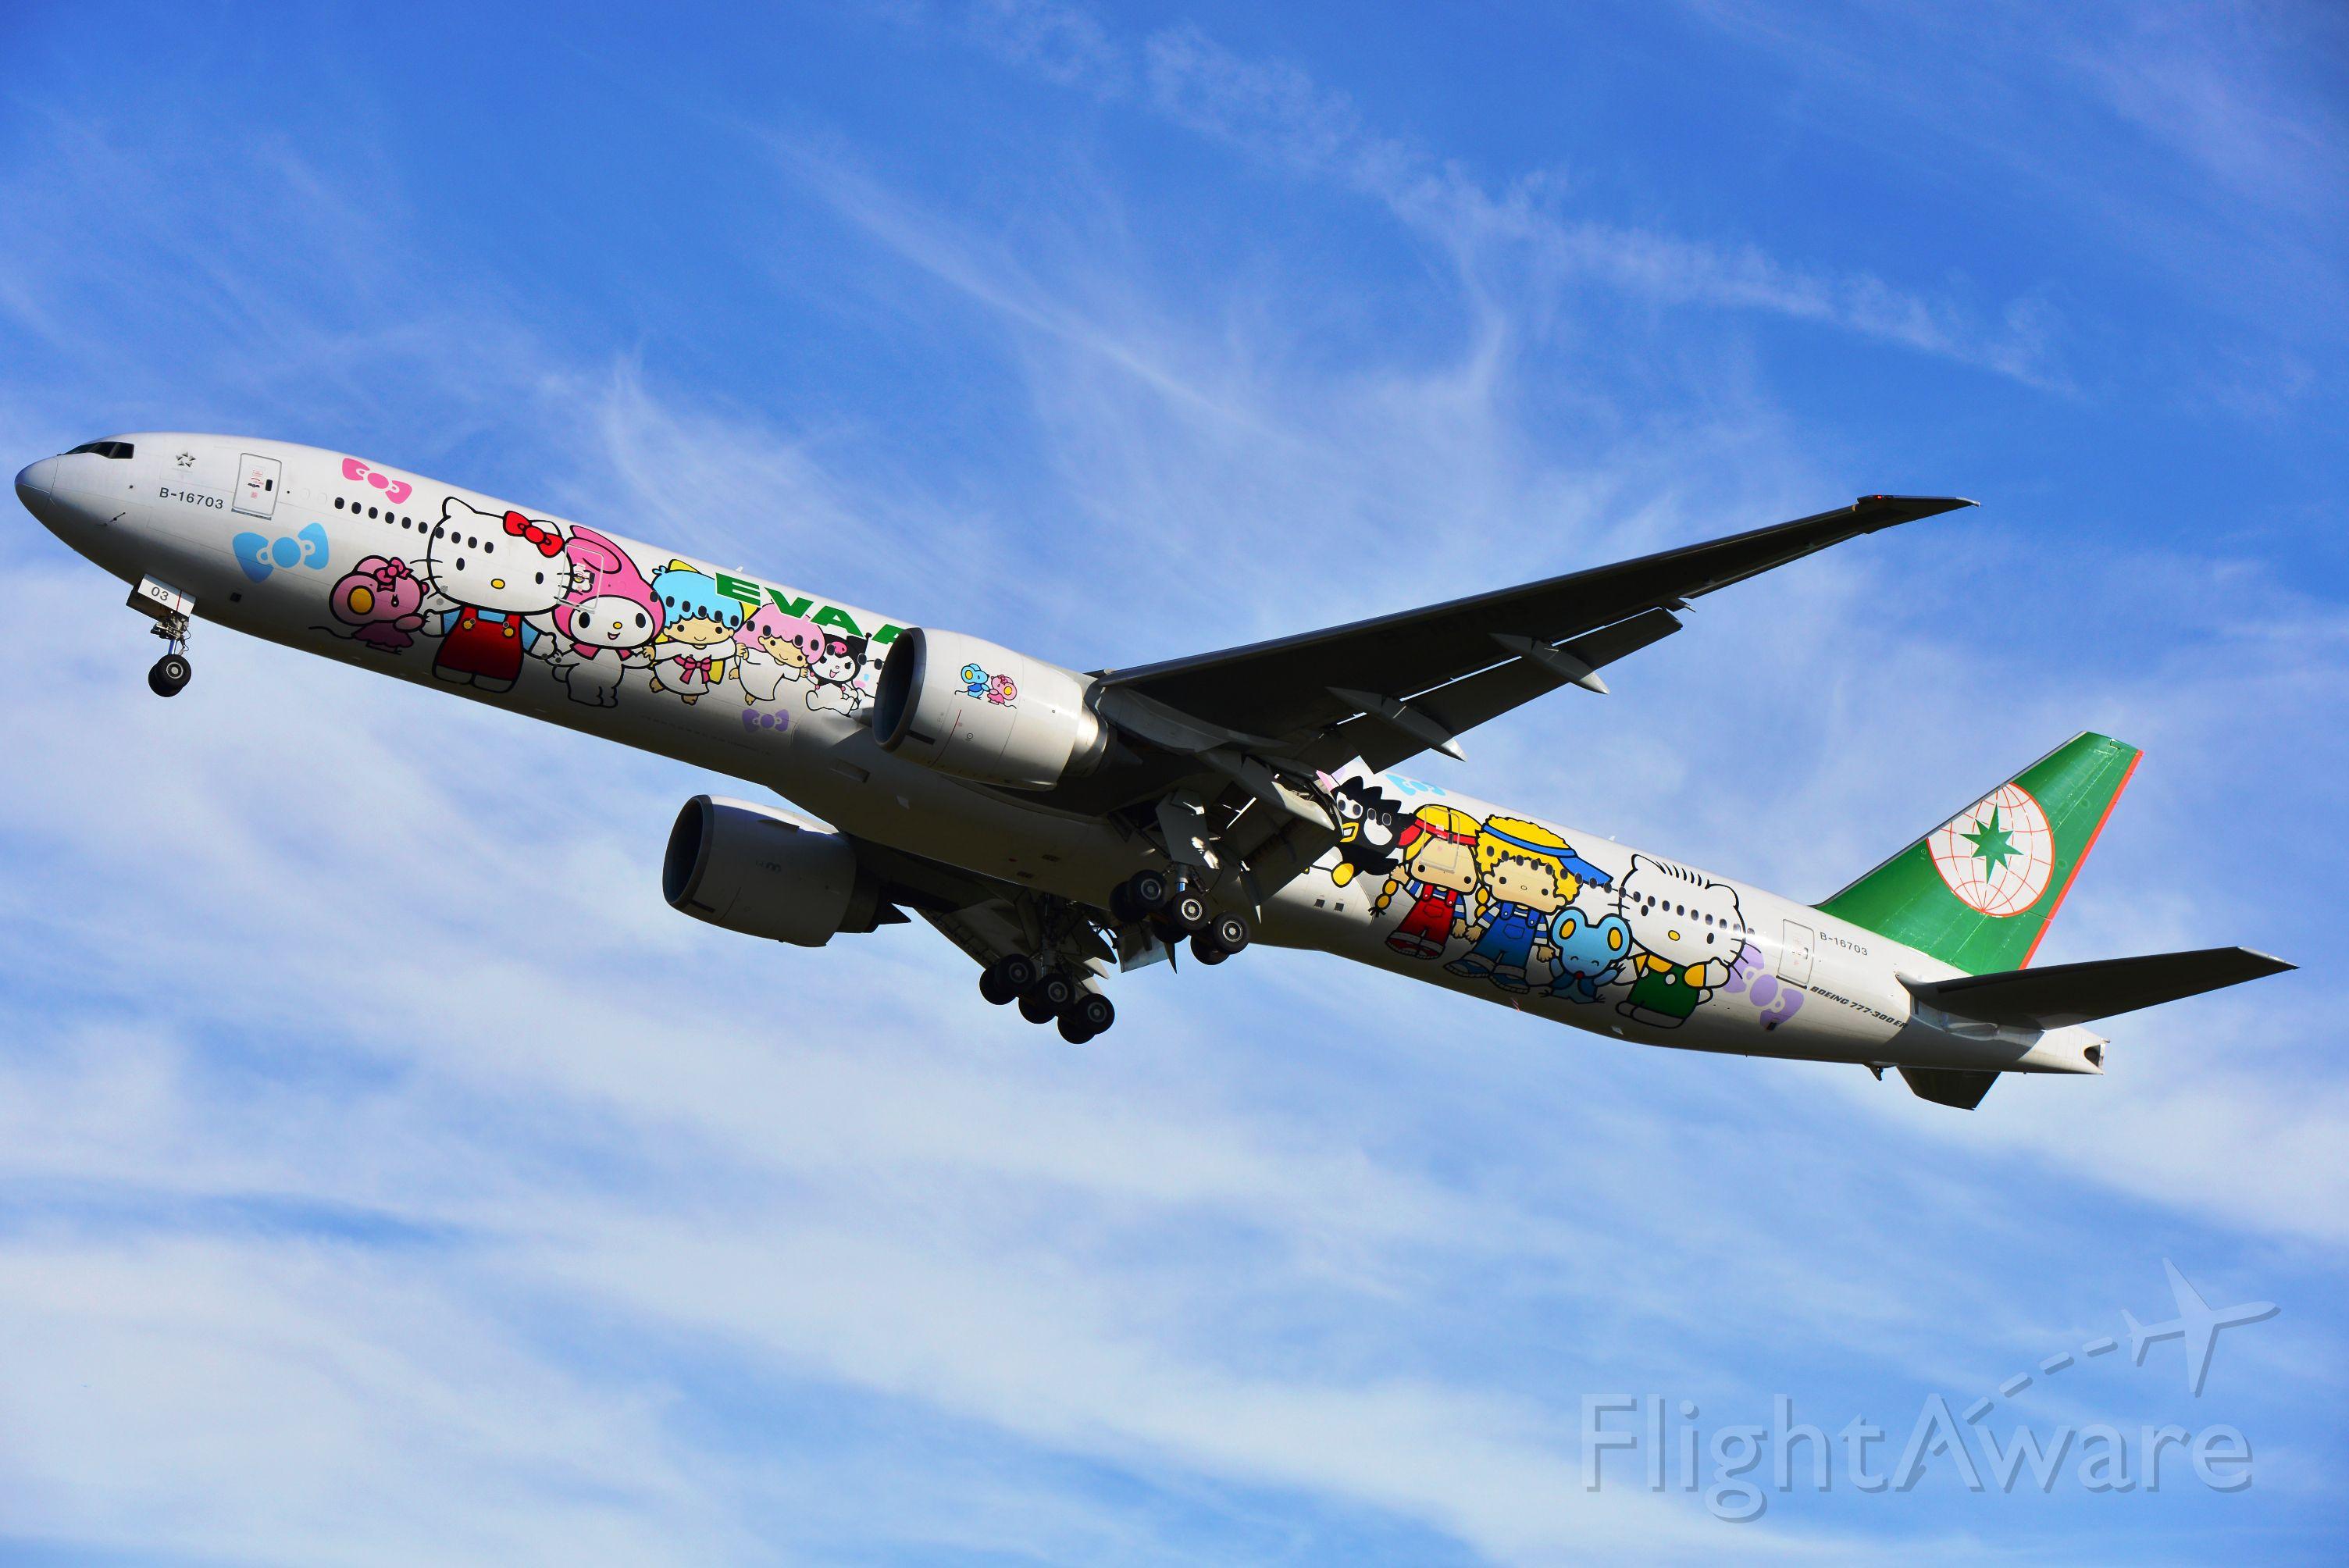 BOEING 777-300ER (B-16703)